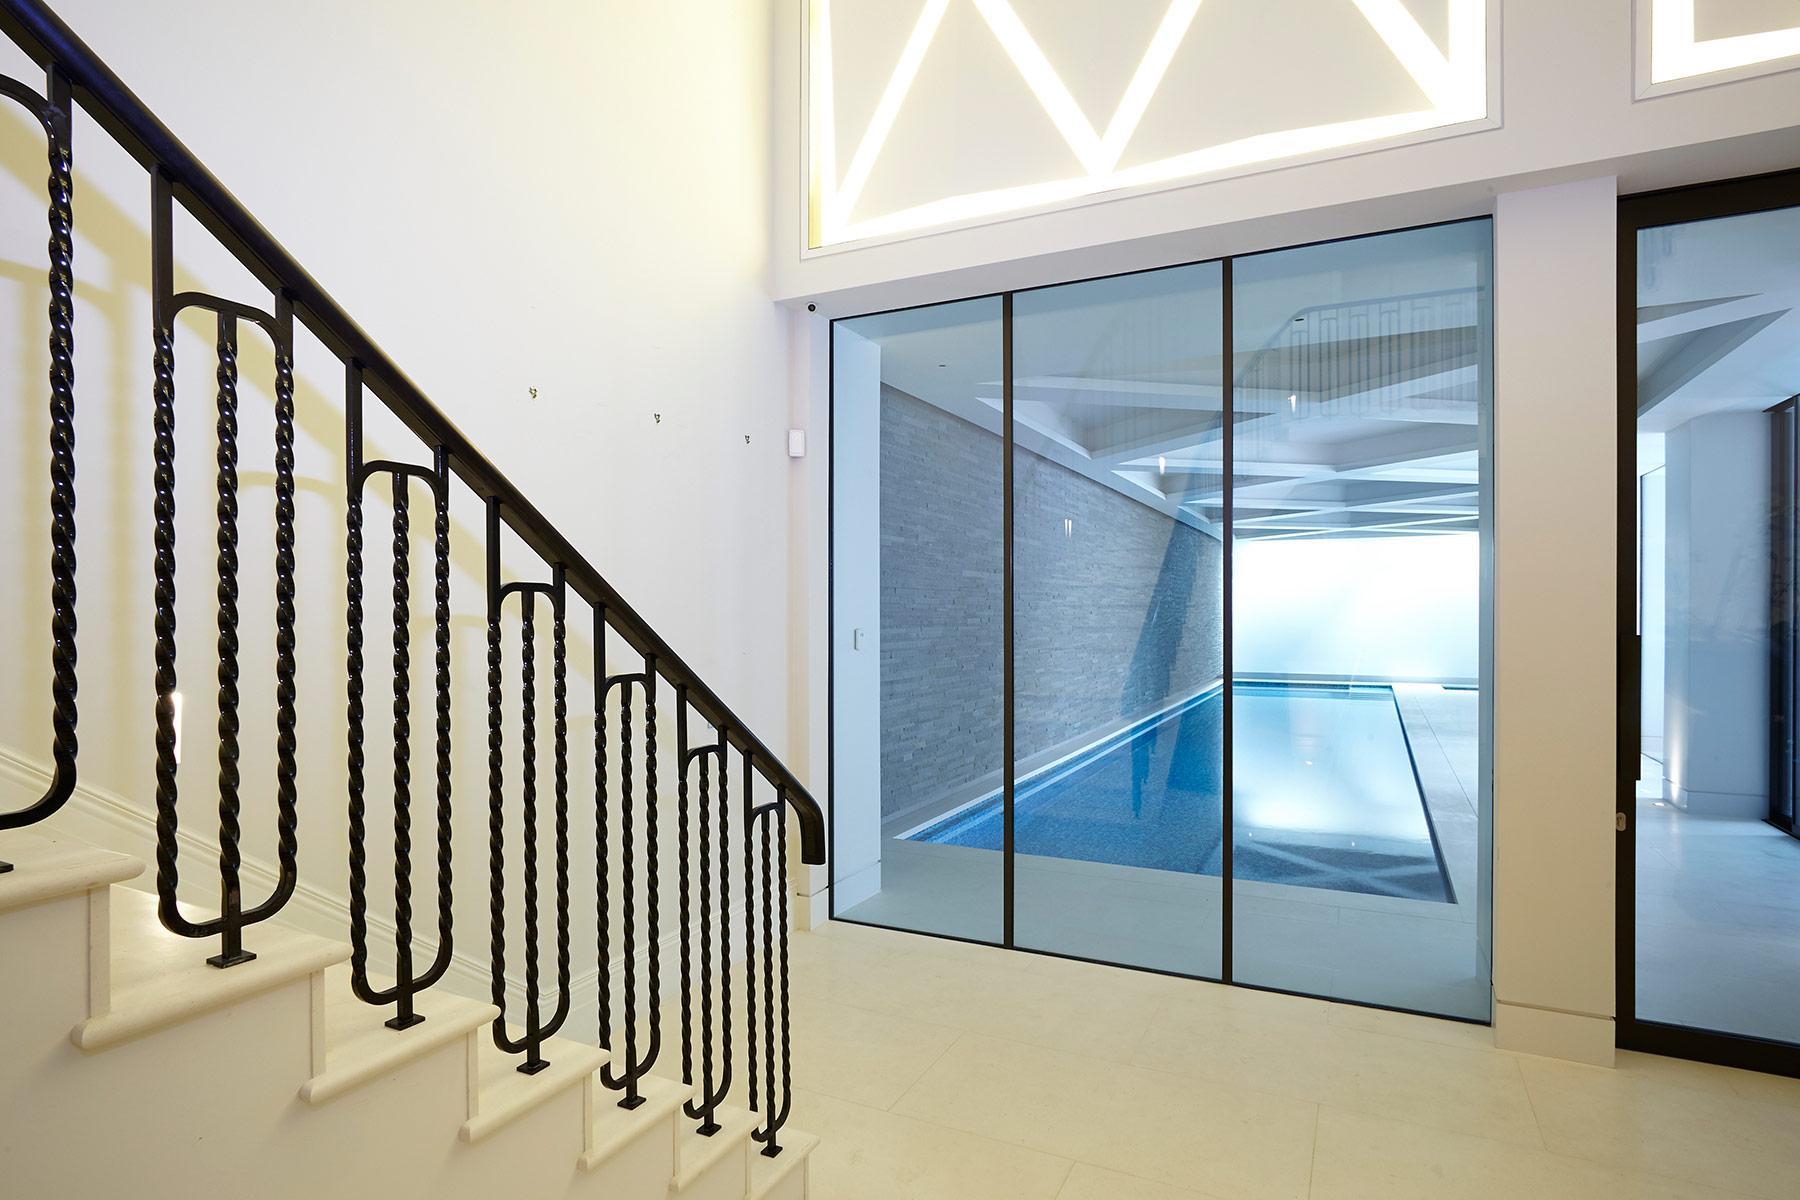 Piscine en sous-sol de style contemporain à Londres